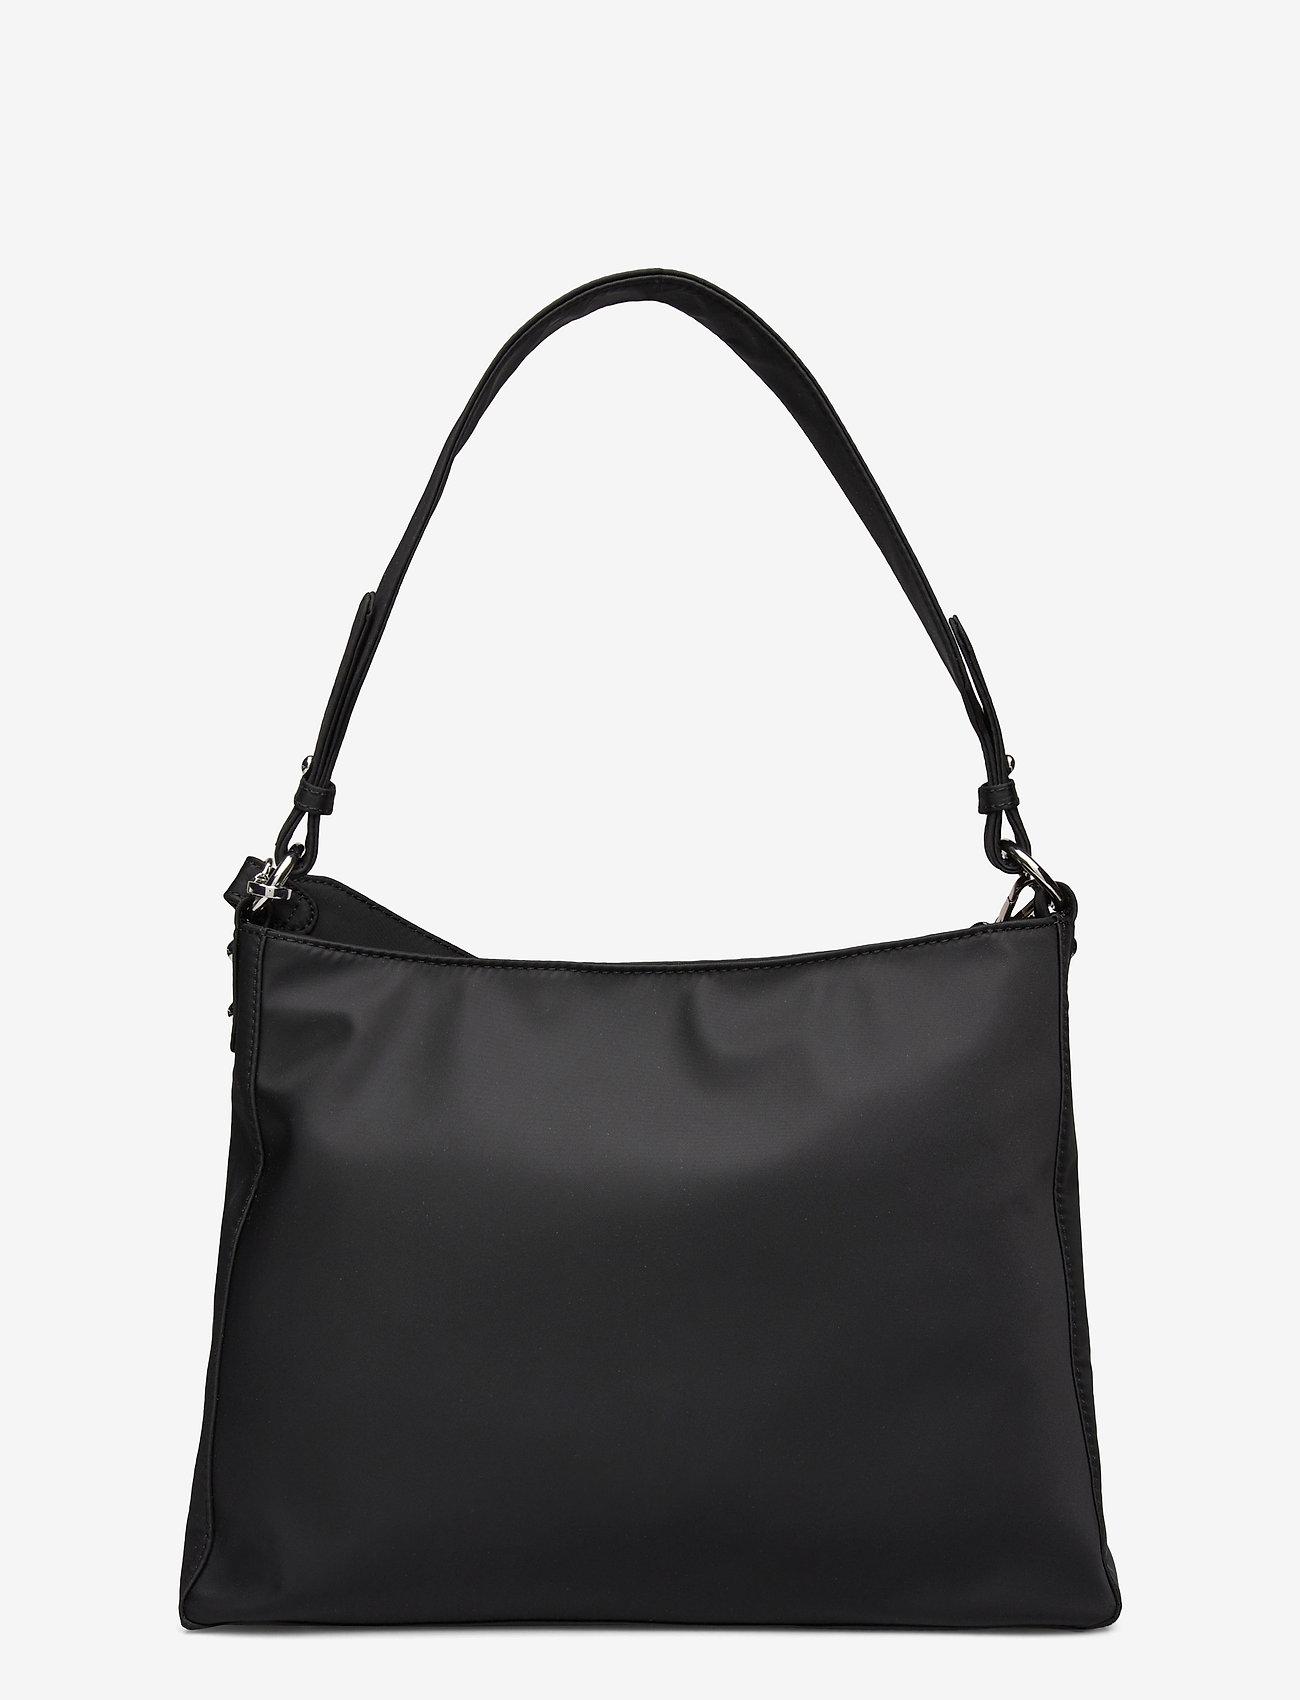 HVISK - AMBLE NYLON RECYCLED - shoulder bags - black - 1